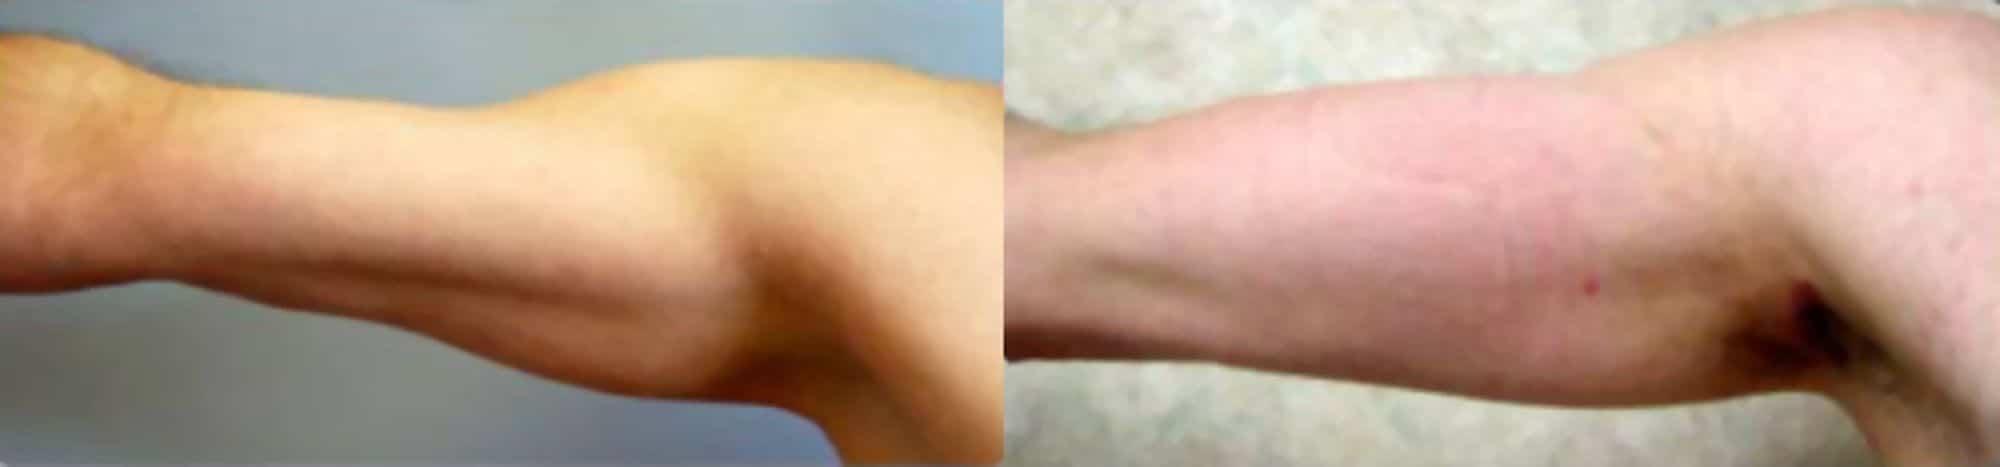 Pròtesi de bíceps - Foto 4